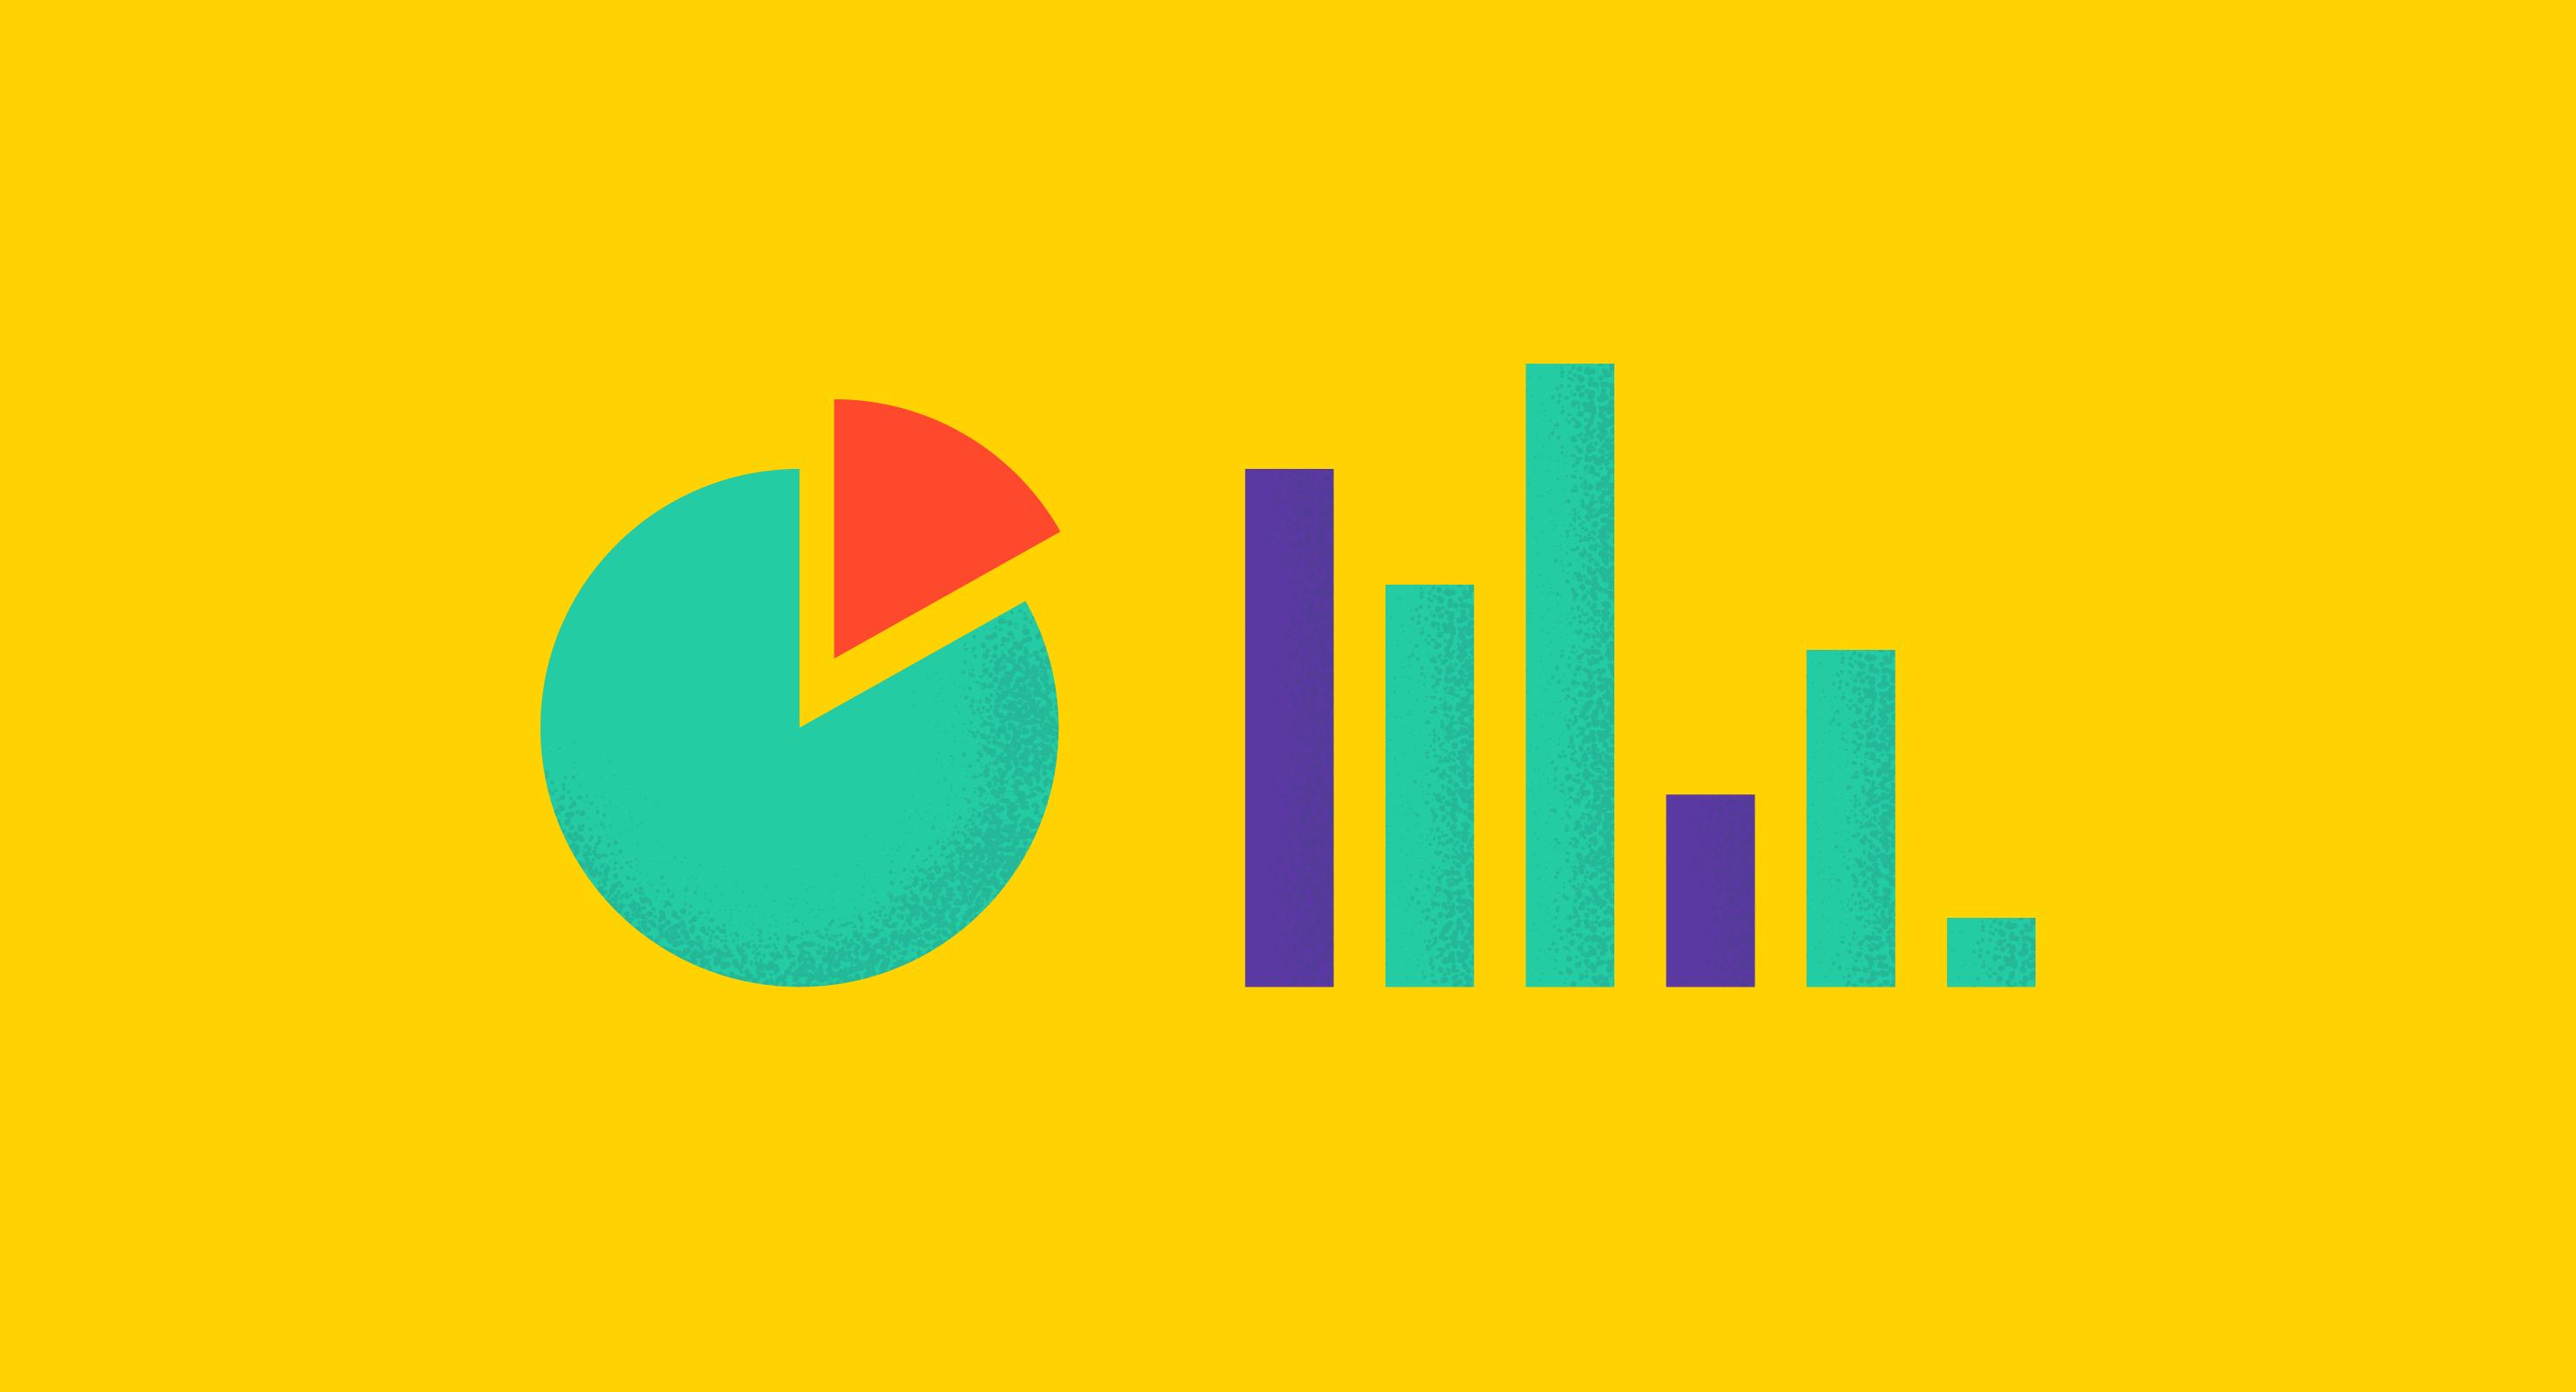 _learn-digital-marketing-statistics@2x